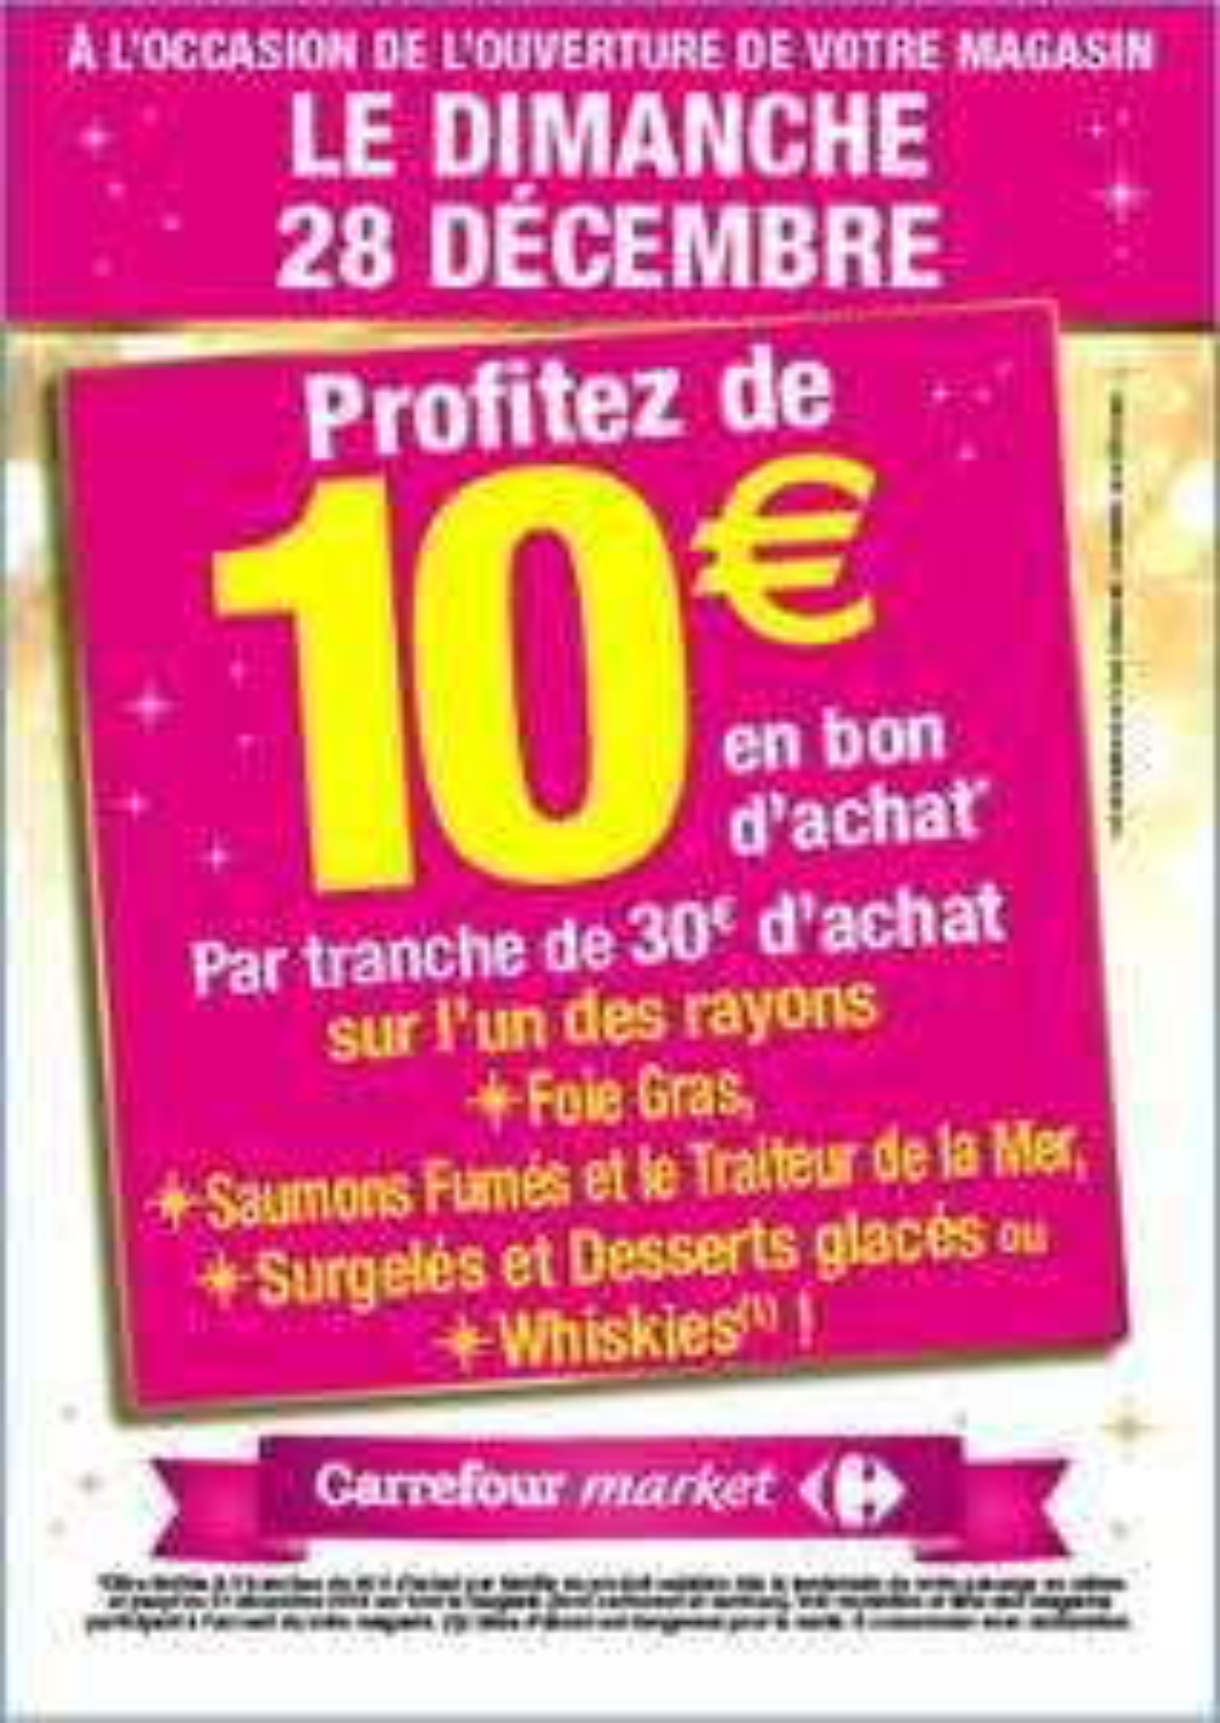 10€ en bon d'achat pour 30€ d'achat sur les Whiskies, Foies gras, Saumon fumé et Surgelés